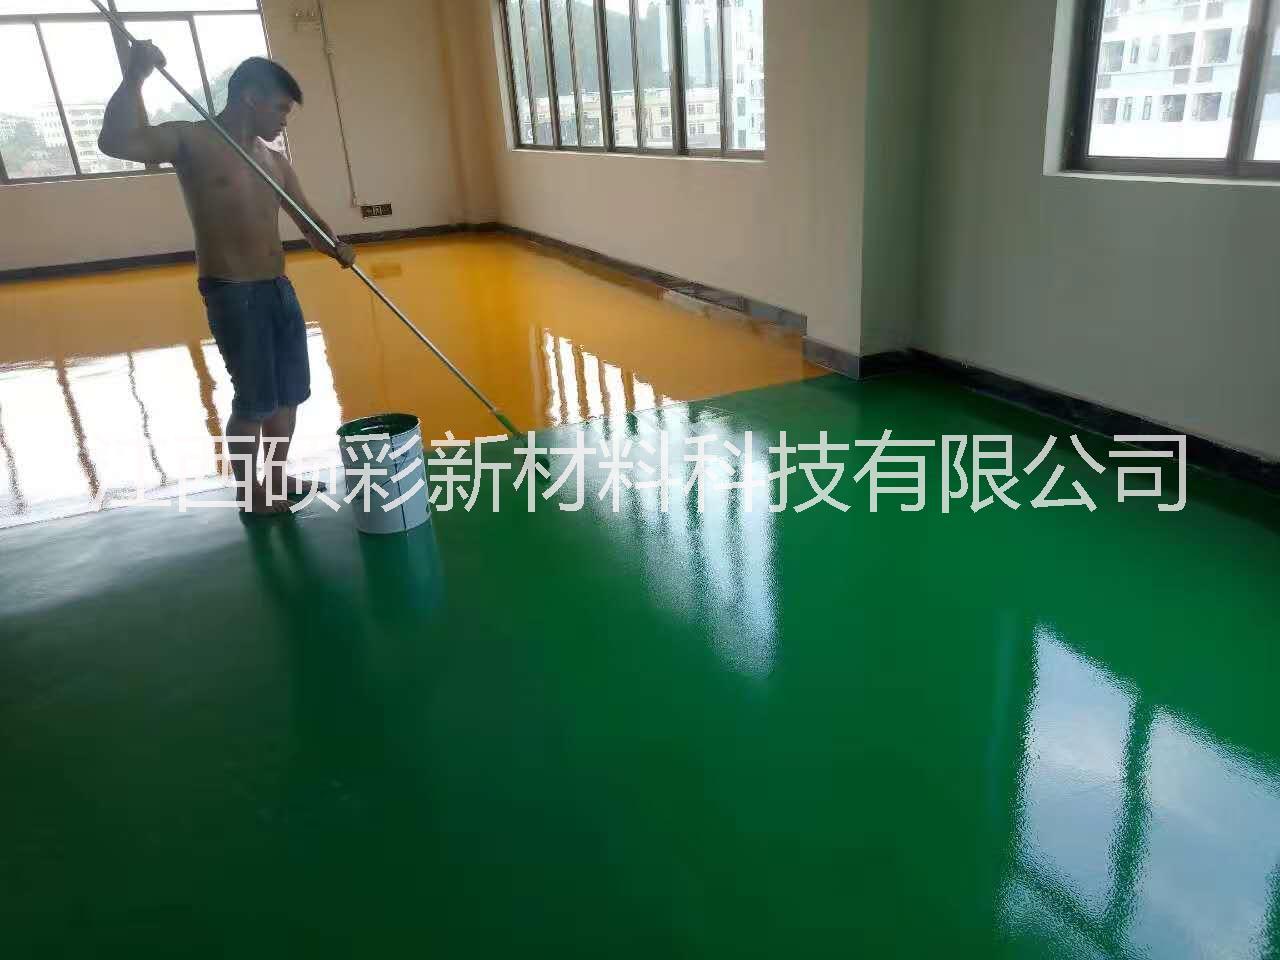 环氧自流平面漆生产厂家,批发及零售